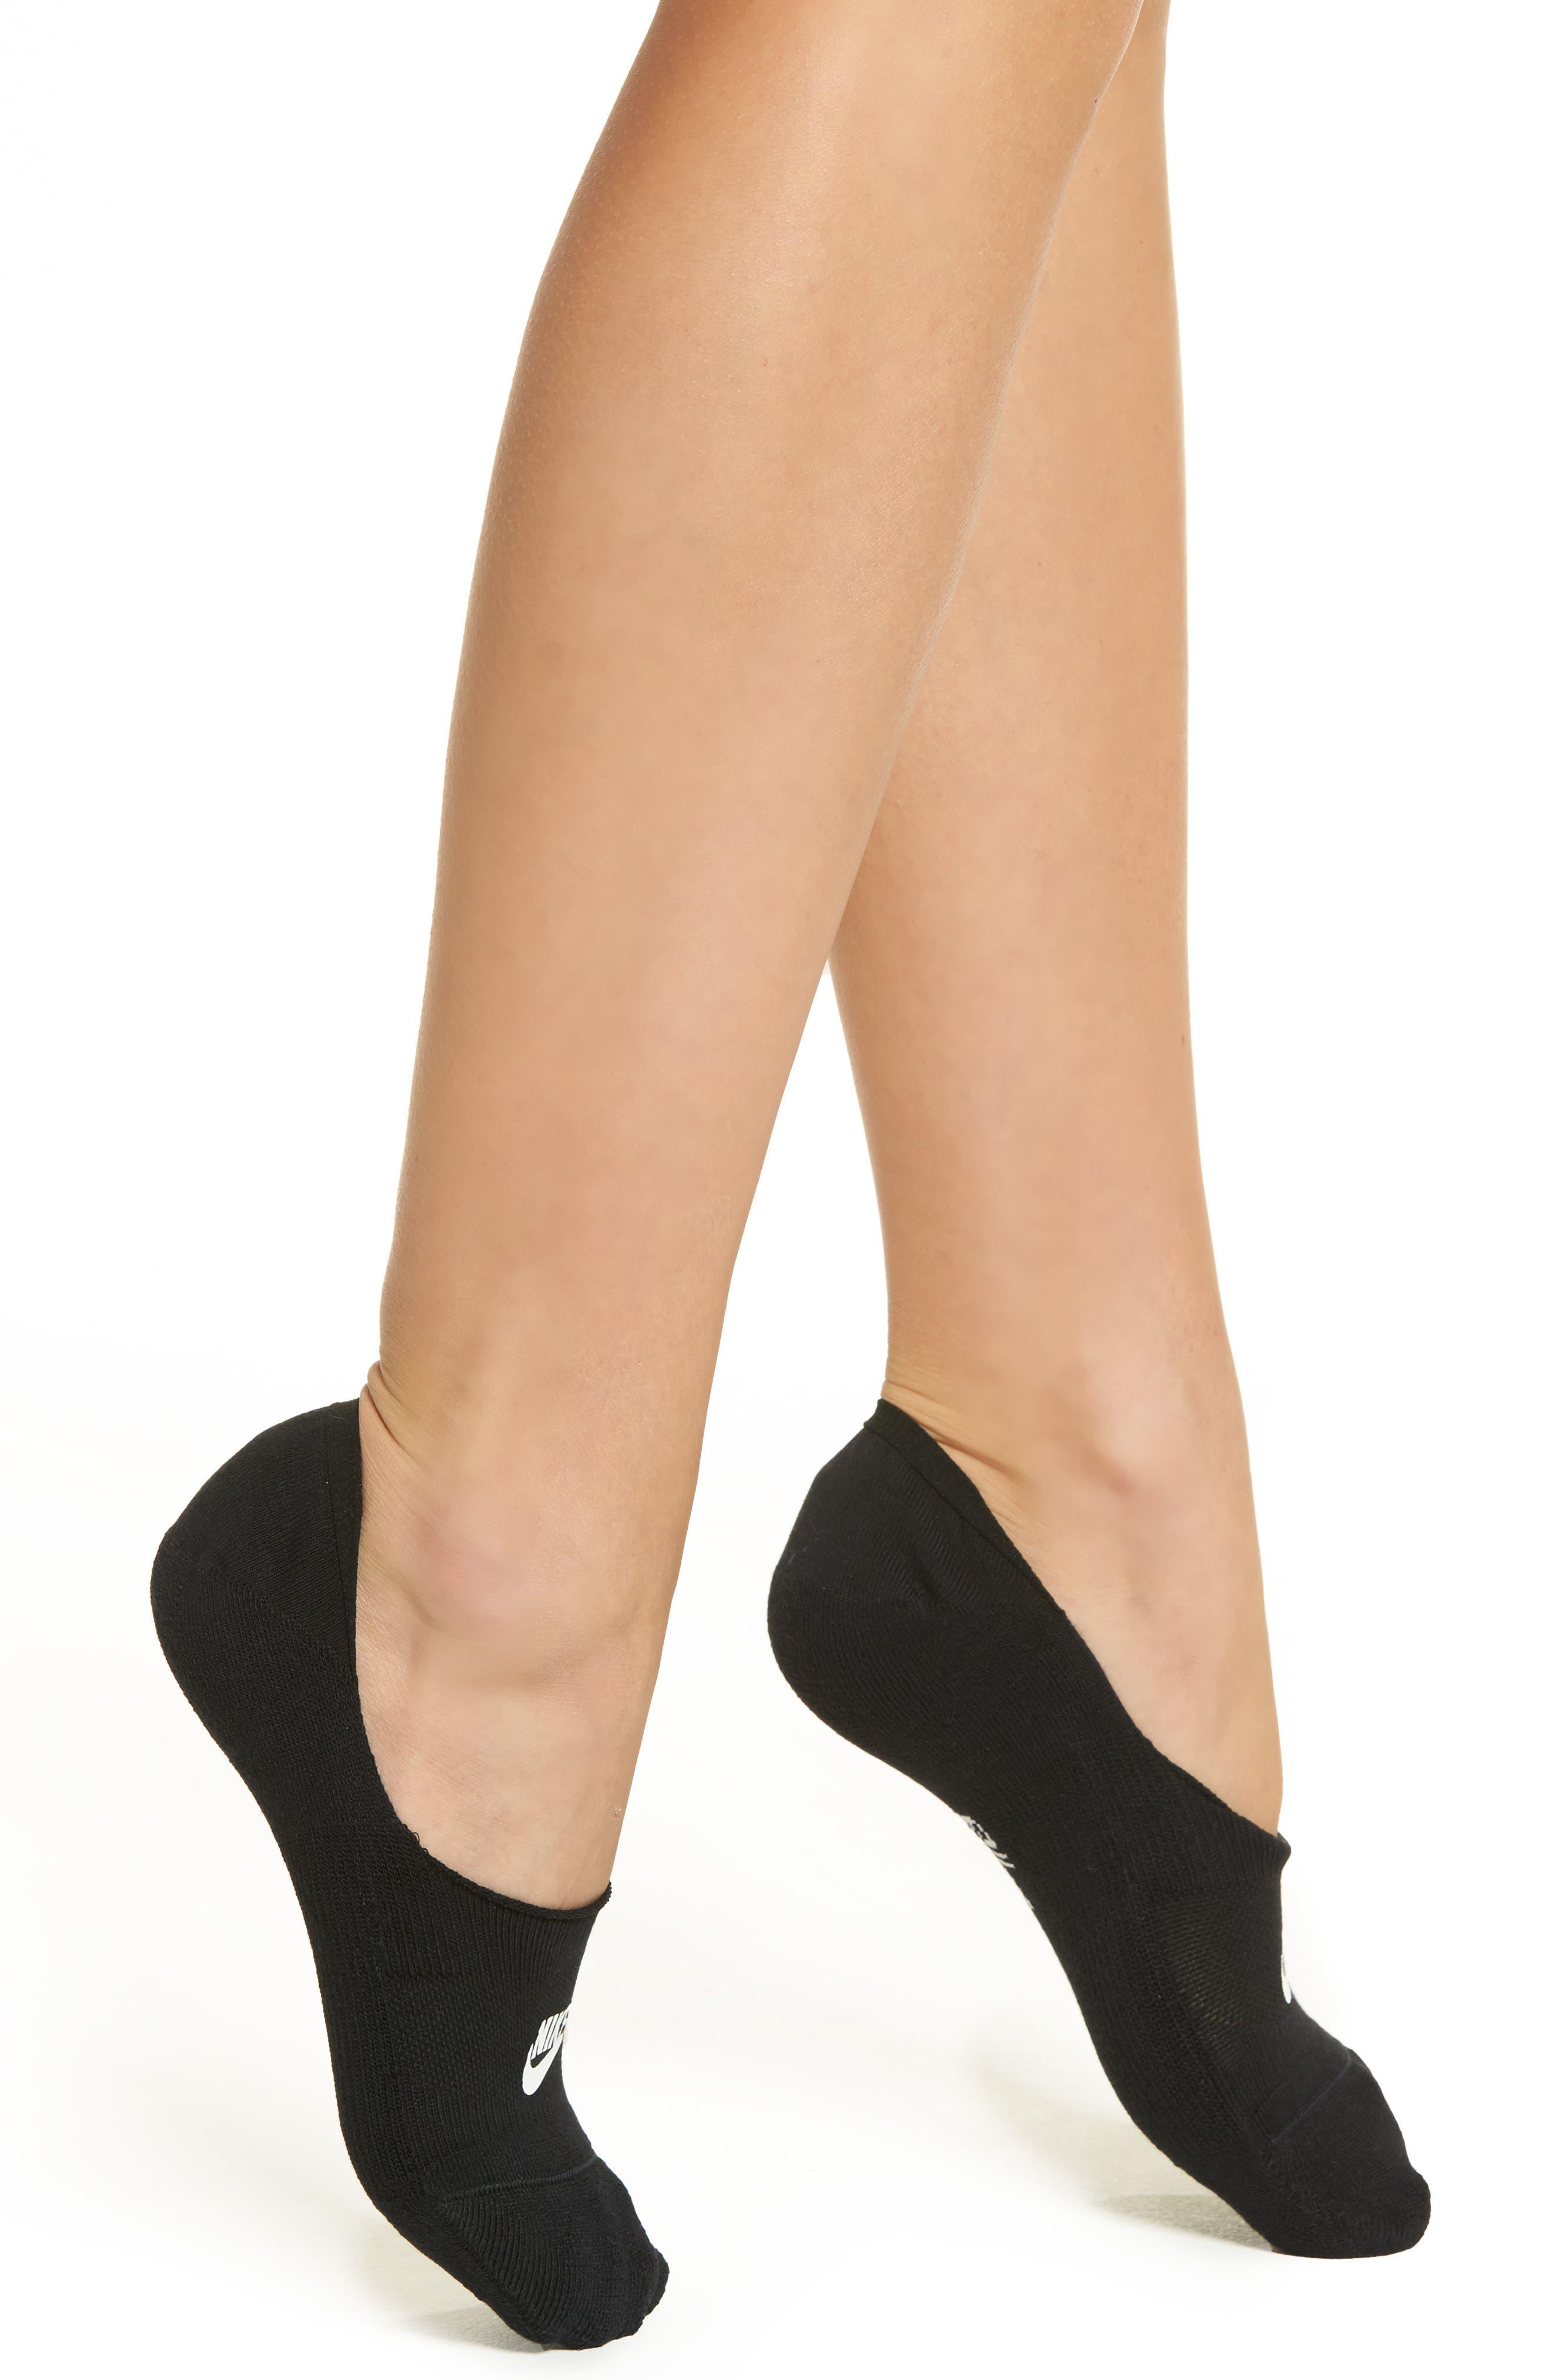 Nike Sportswear Statement No-Show Socks